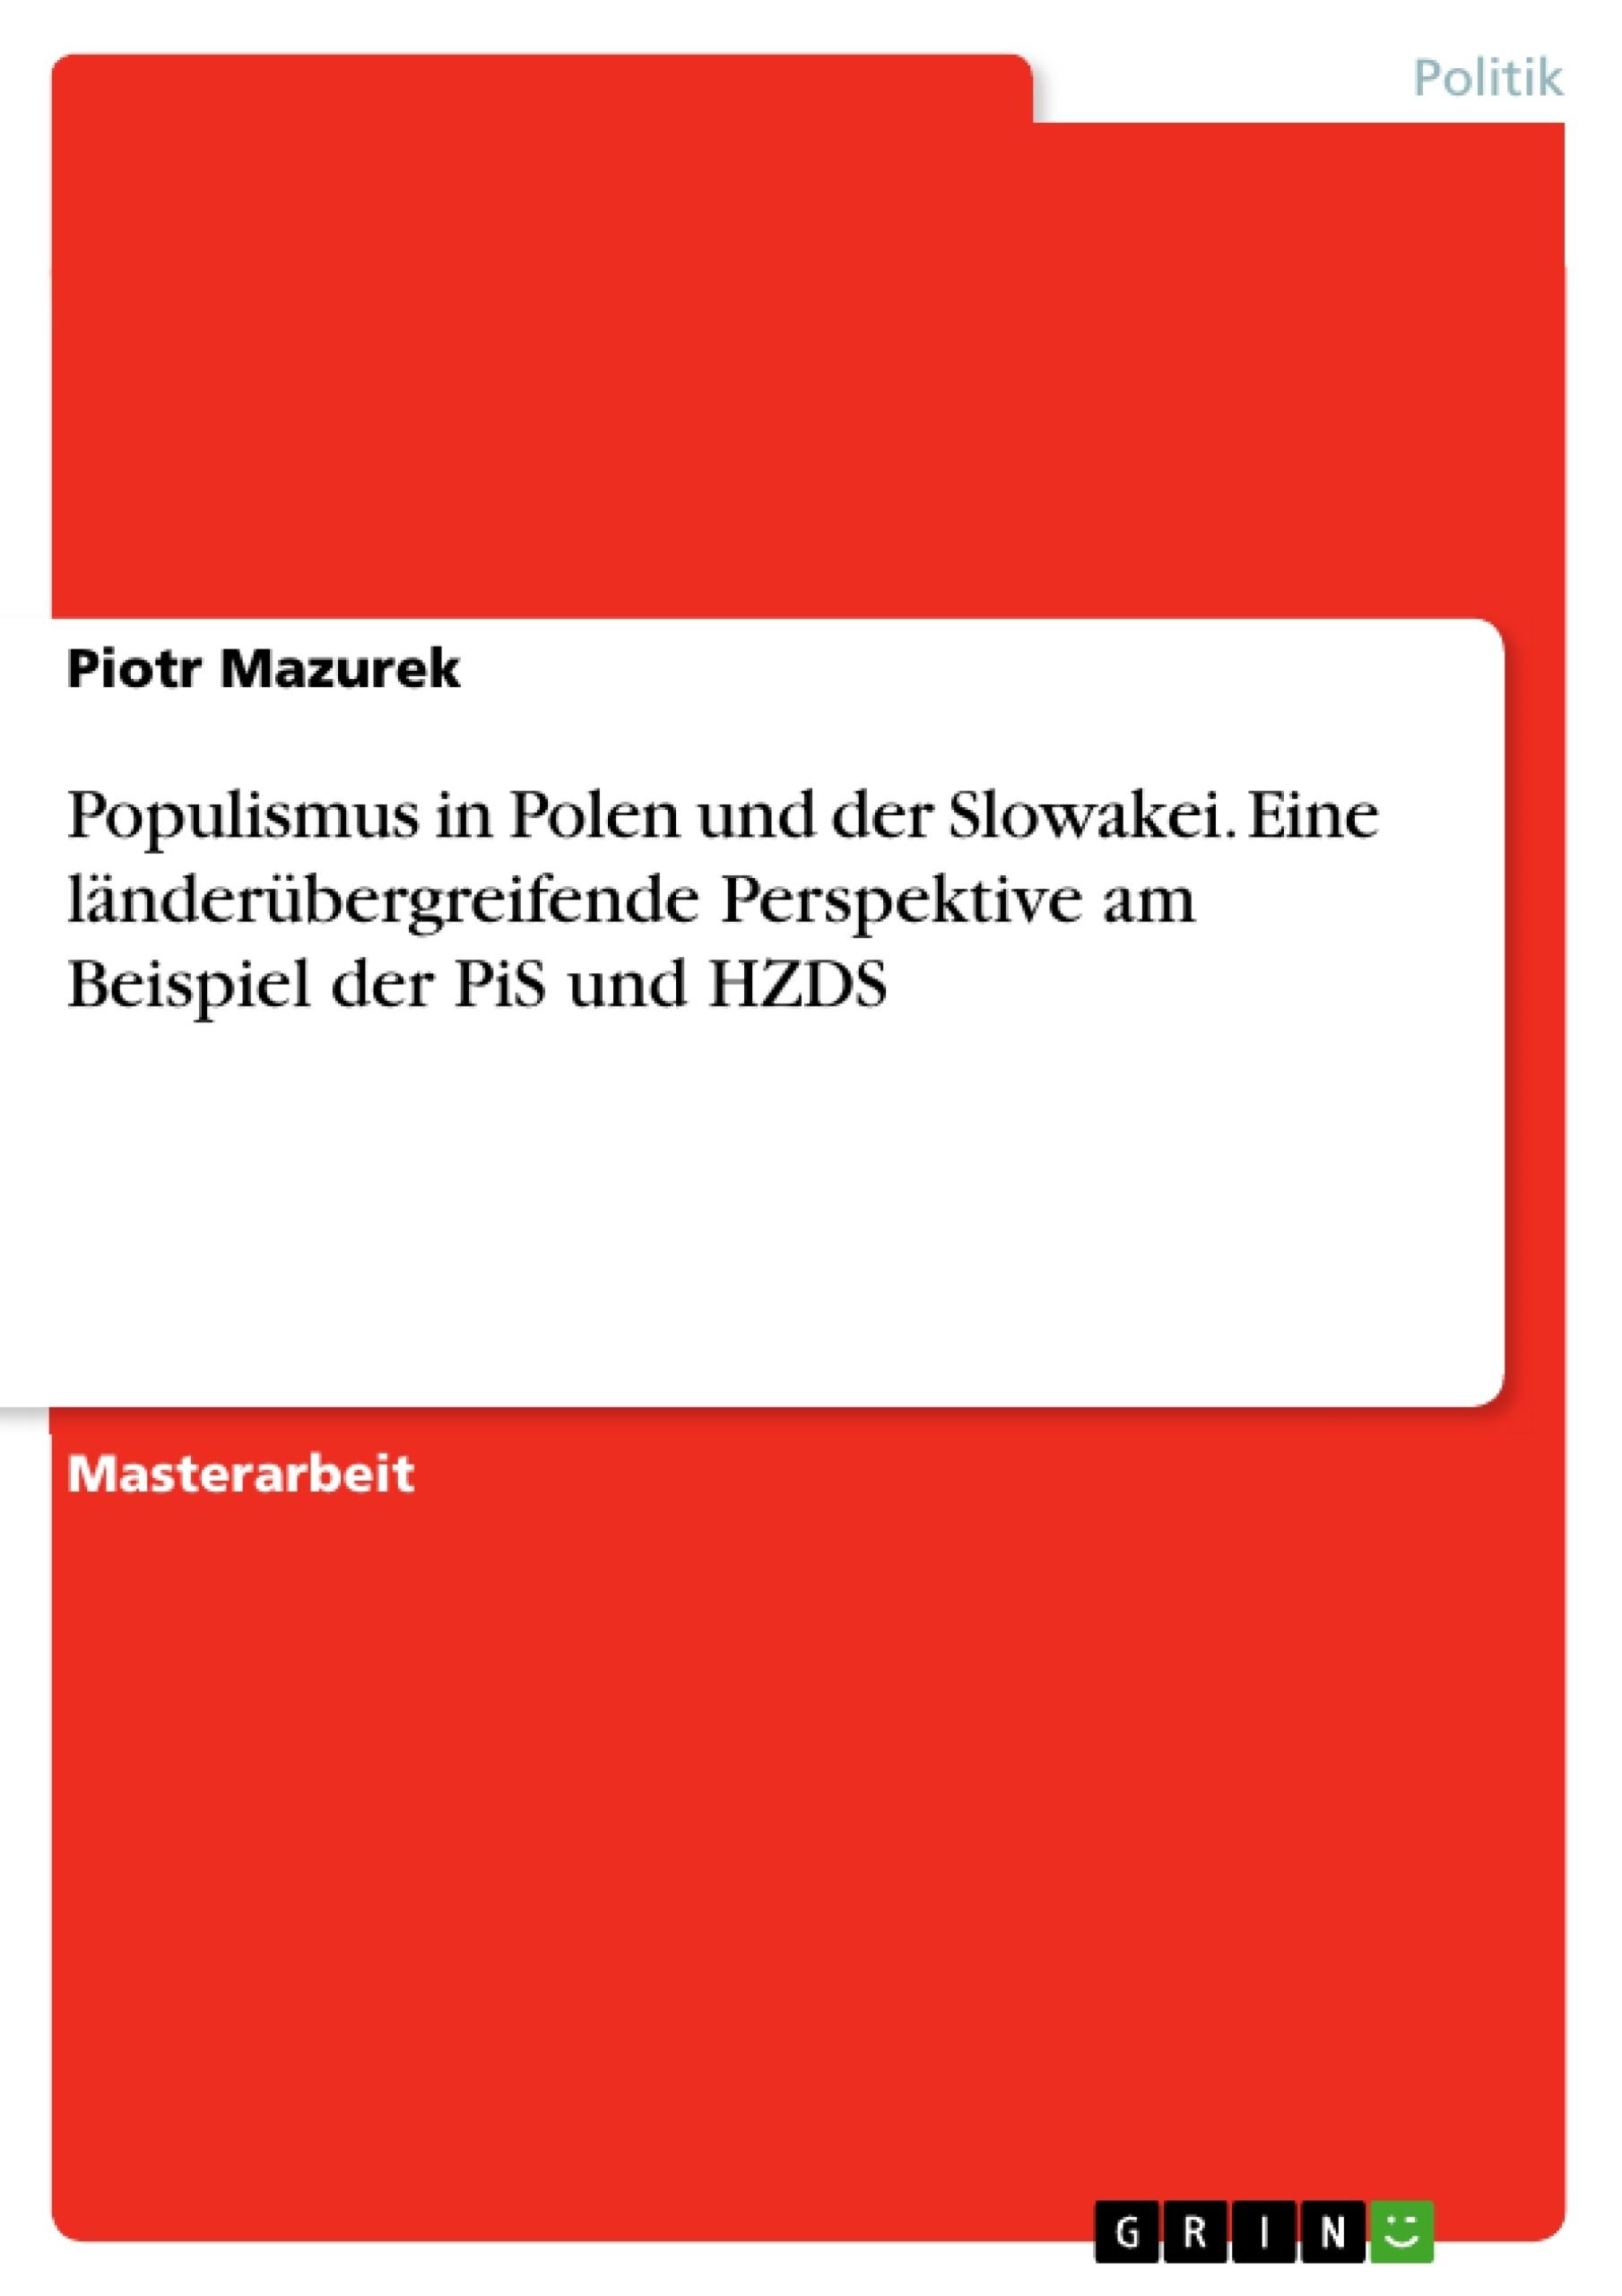 Titel: Populismus in Polen und der Slowakei. Eine länderübergreifende Perspektive am Beispiel der PiS und HZDS